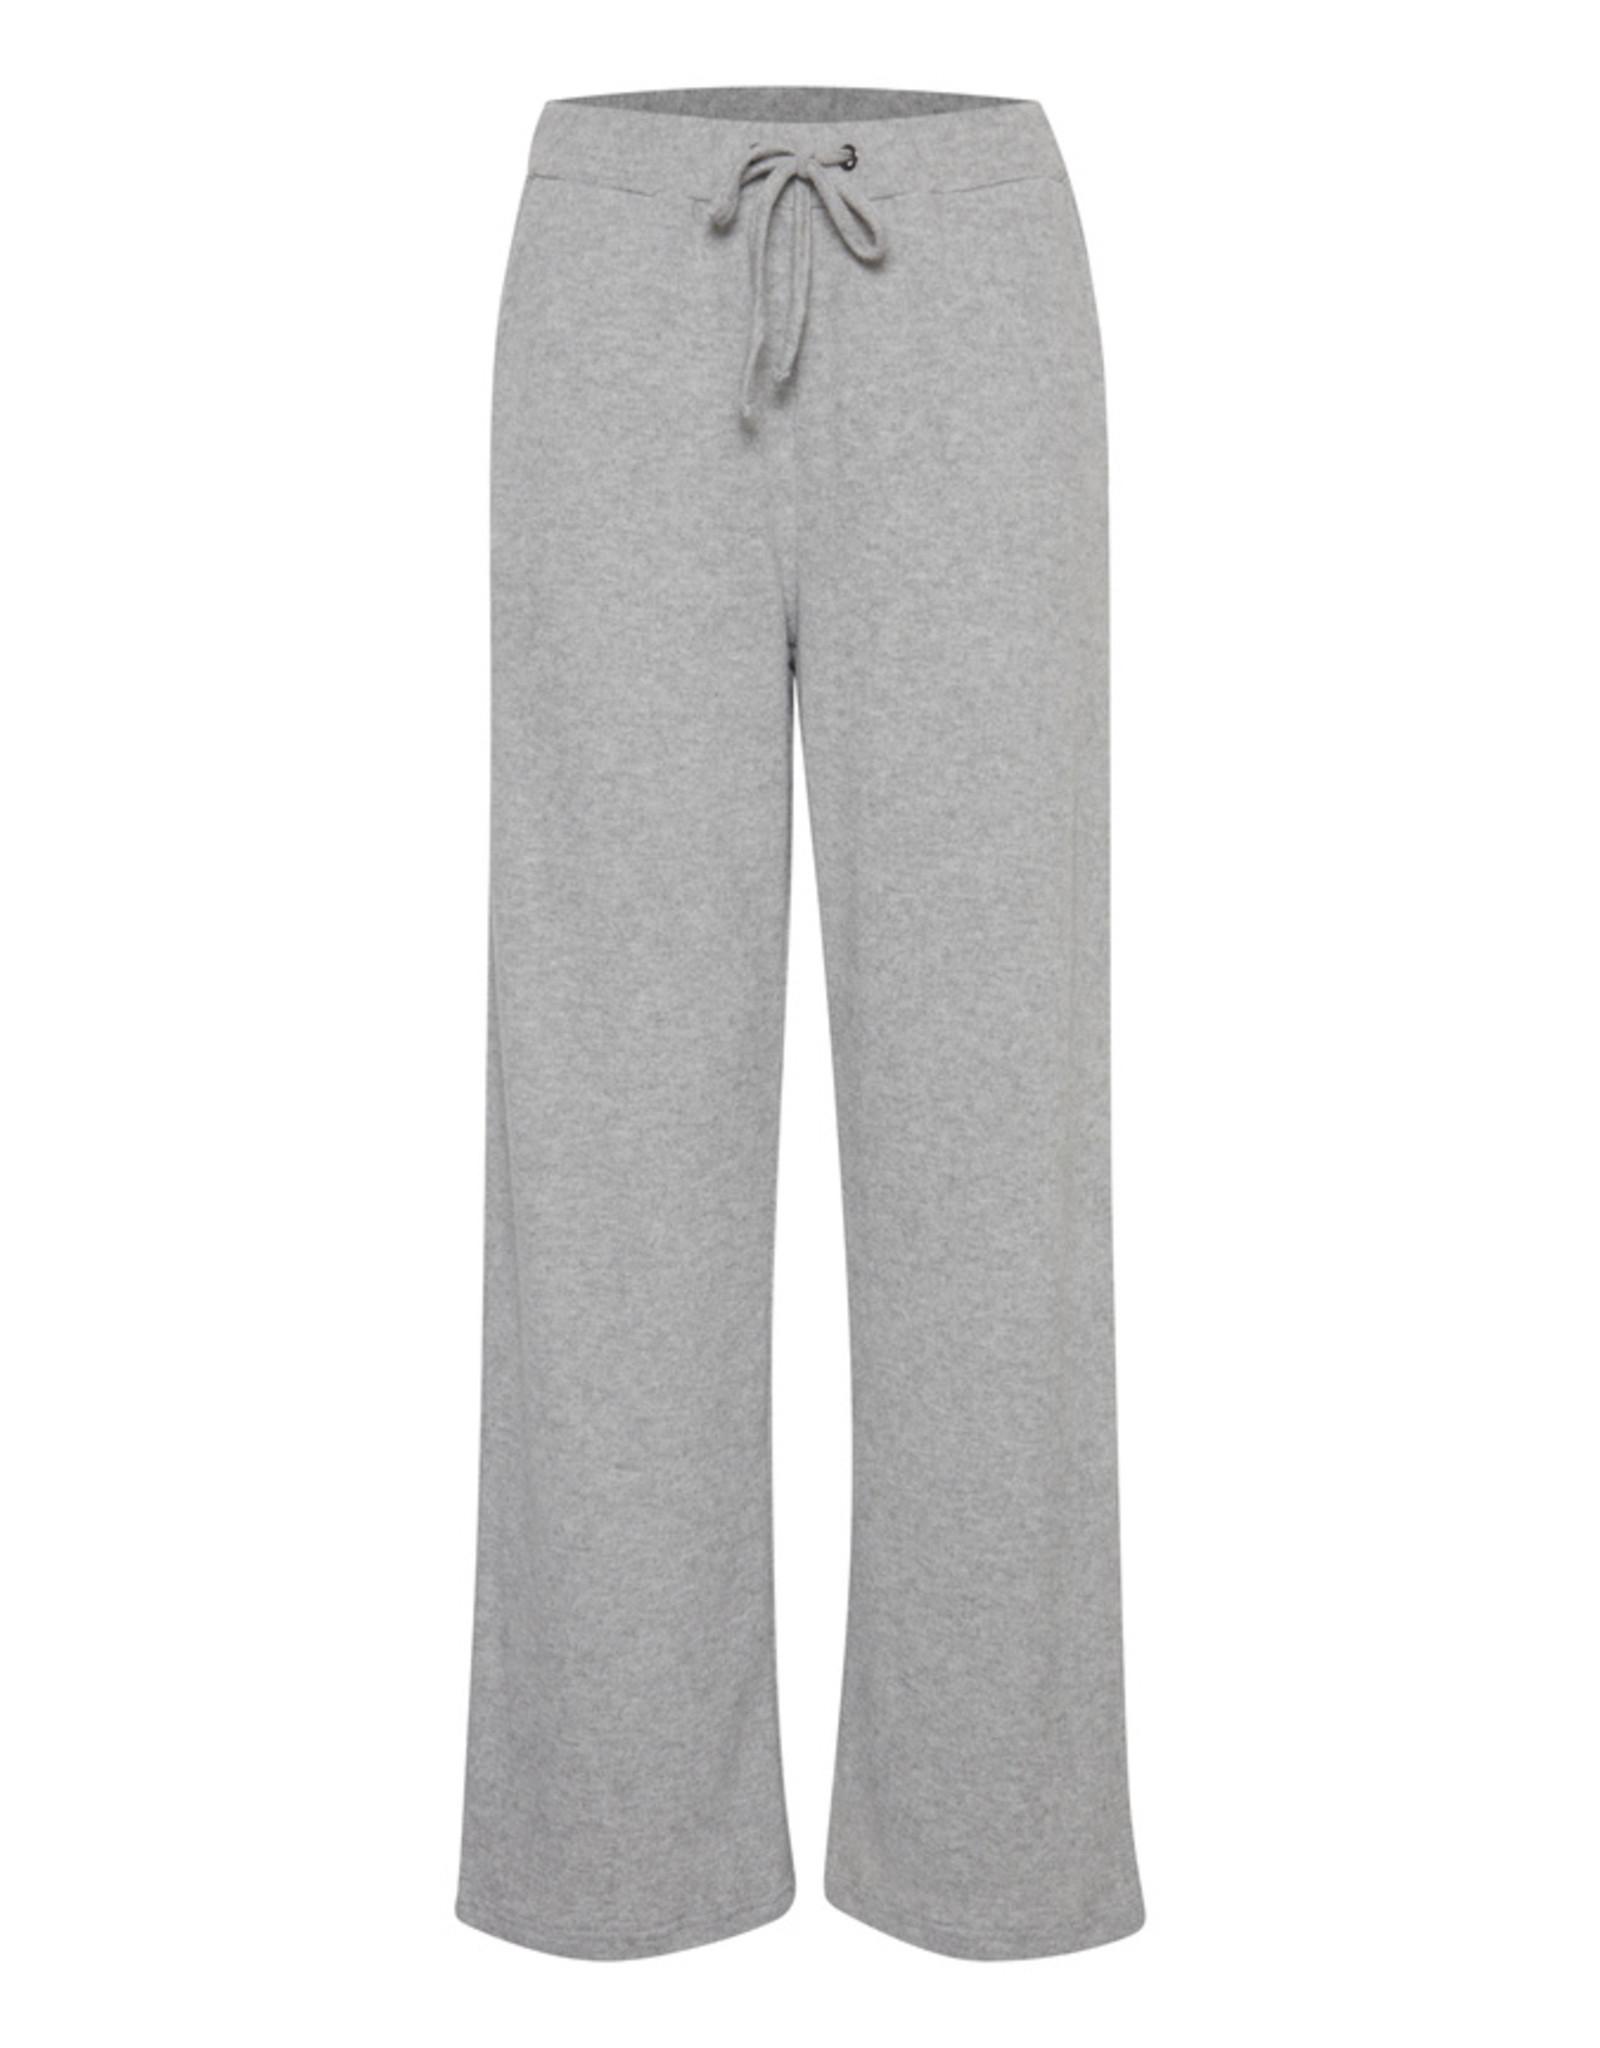 ICHI Ichi - Yose Fleece pull on Pants